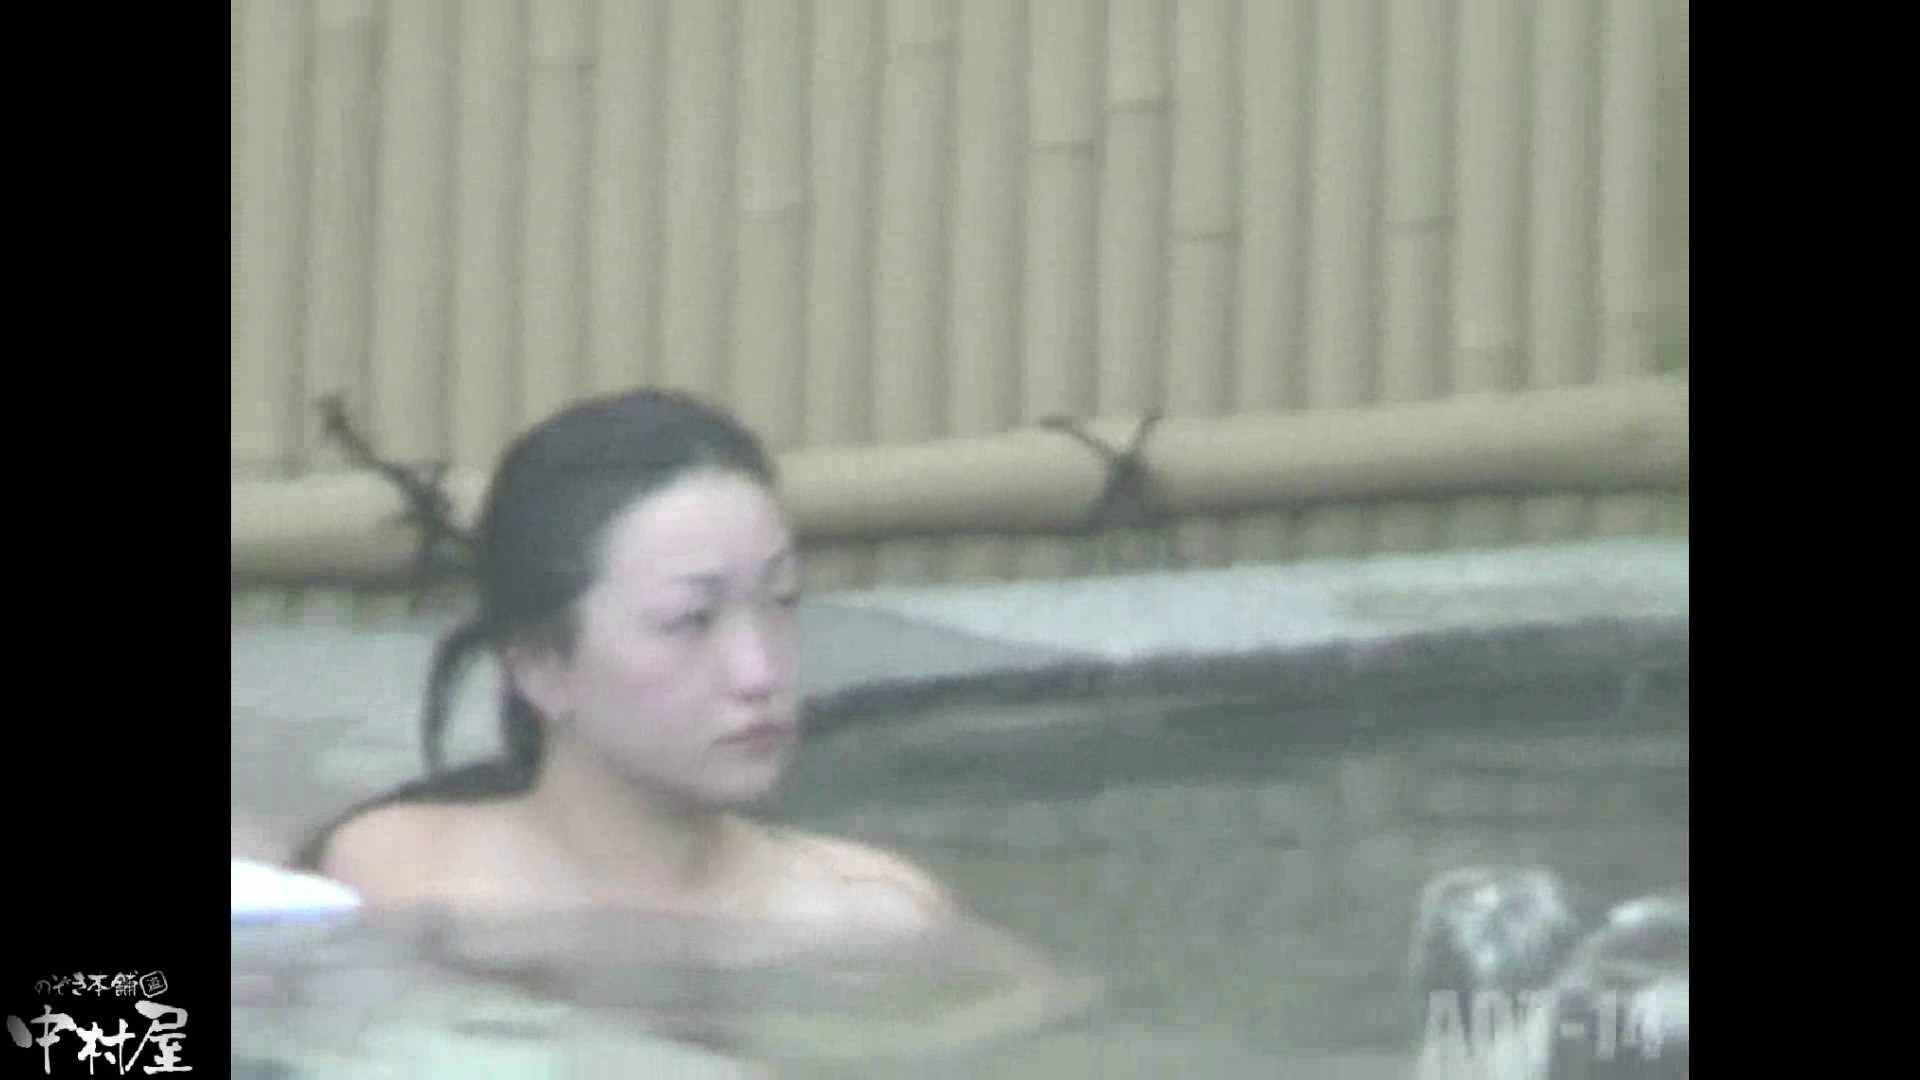 Aquaな露天風呂Vol.878潜入盗撮露天風呂十四判湯 其の七 盗撮師作品  70pic 24